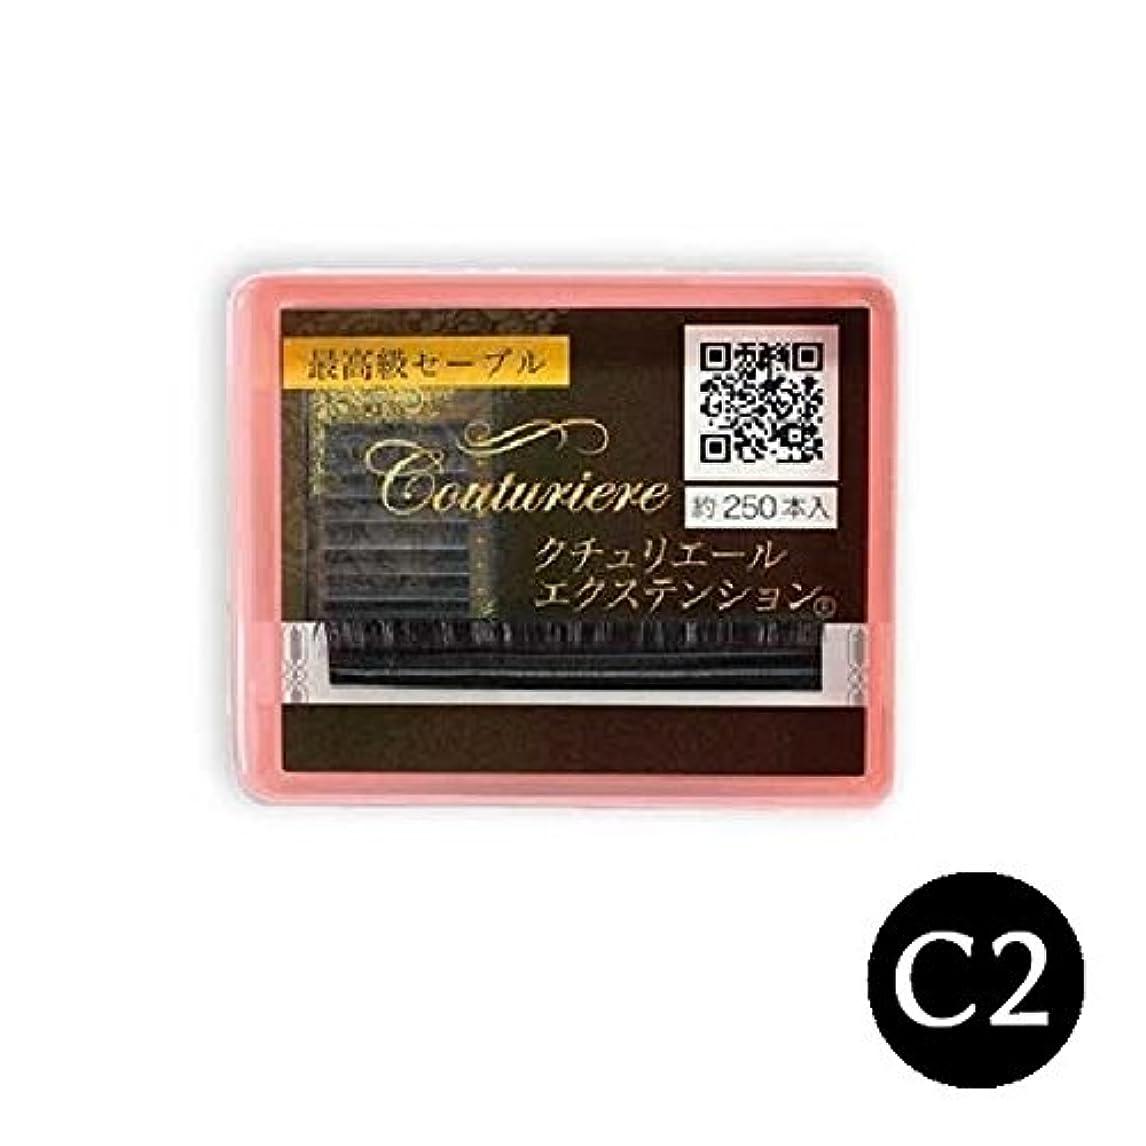 銀行好む変換まつげエクステ マツエク クチュリエール C2カール (1列) (0.10mm 6mm)